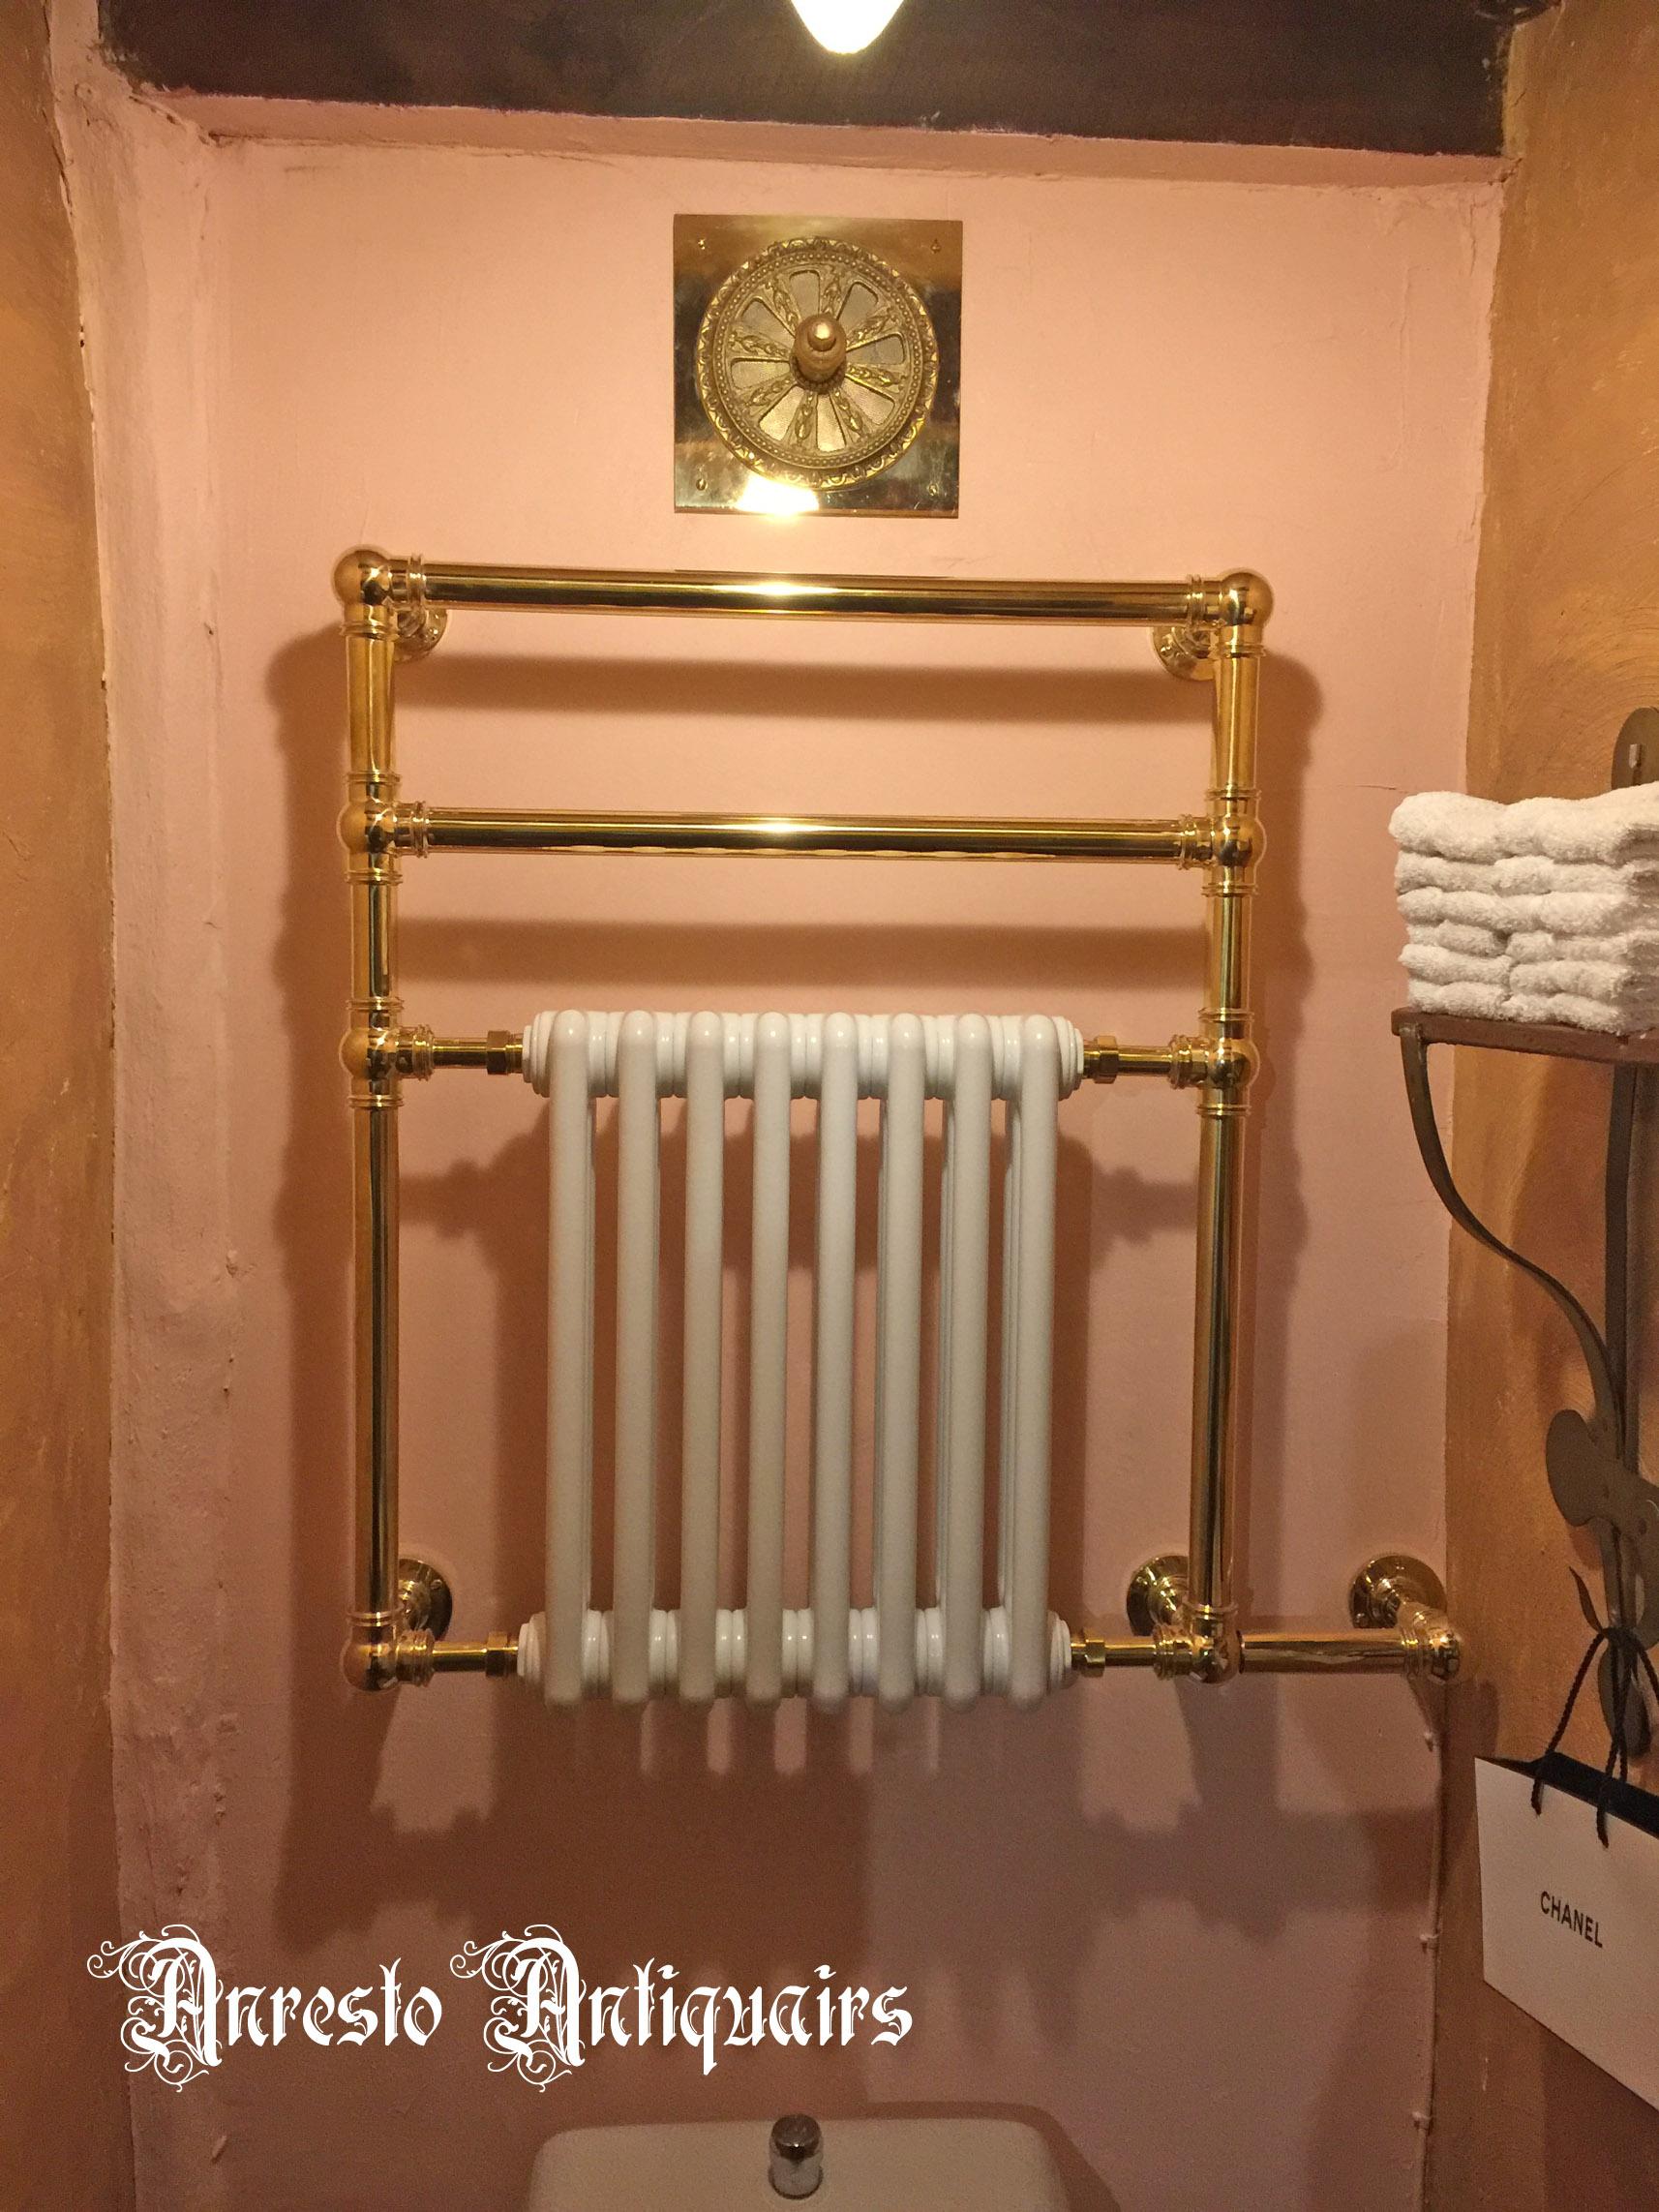 Ref. 81 – Engelse towelrail, Engelse handdoekdroger foto 1